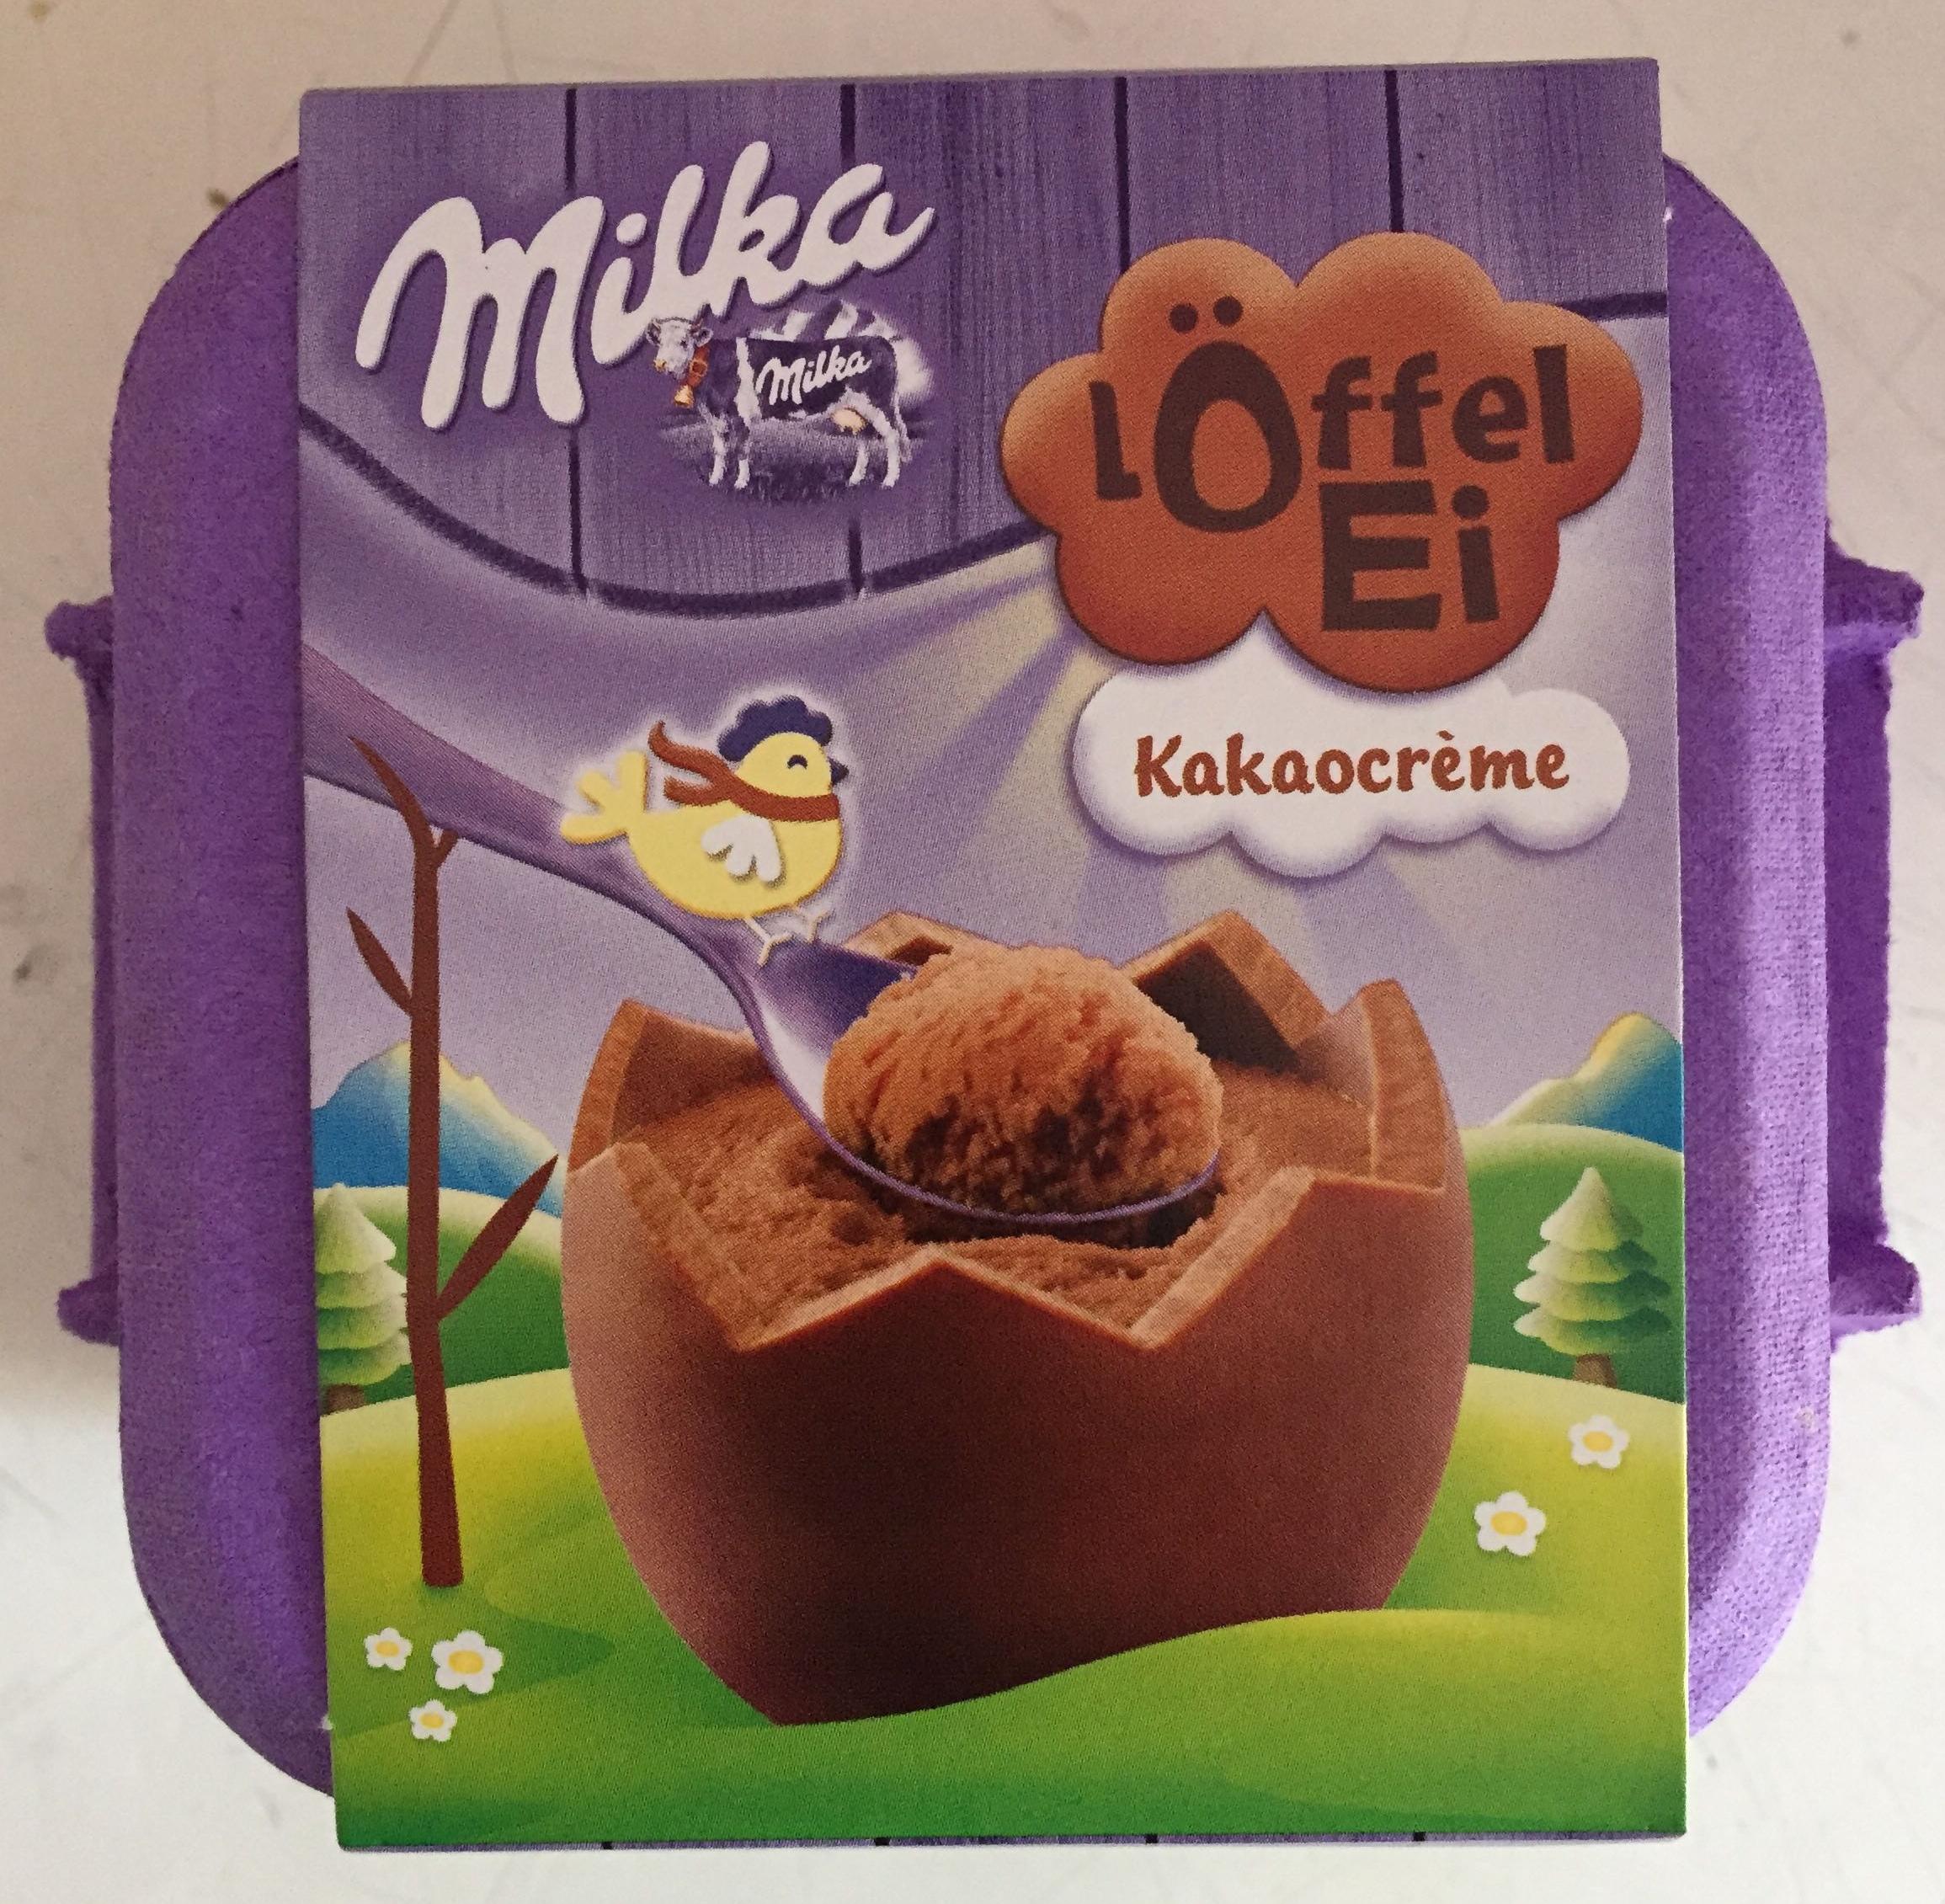 Löffel-Ei Kakaocrème - Produit - fr